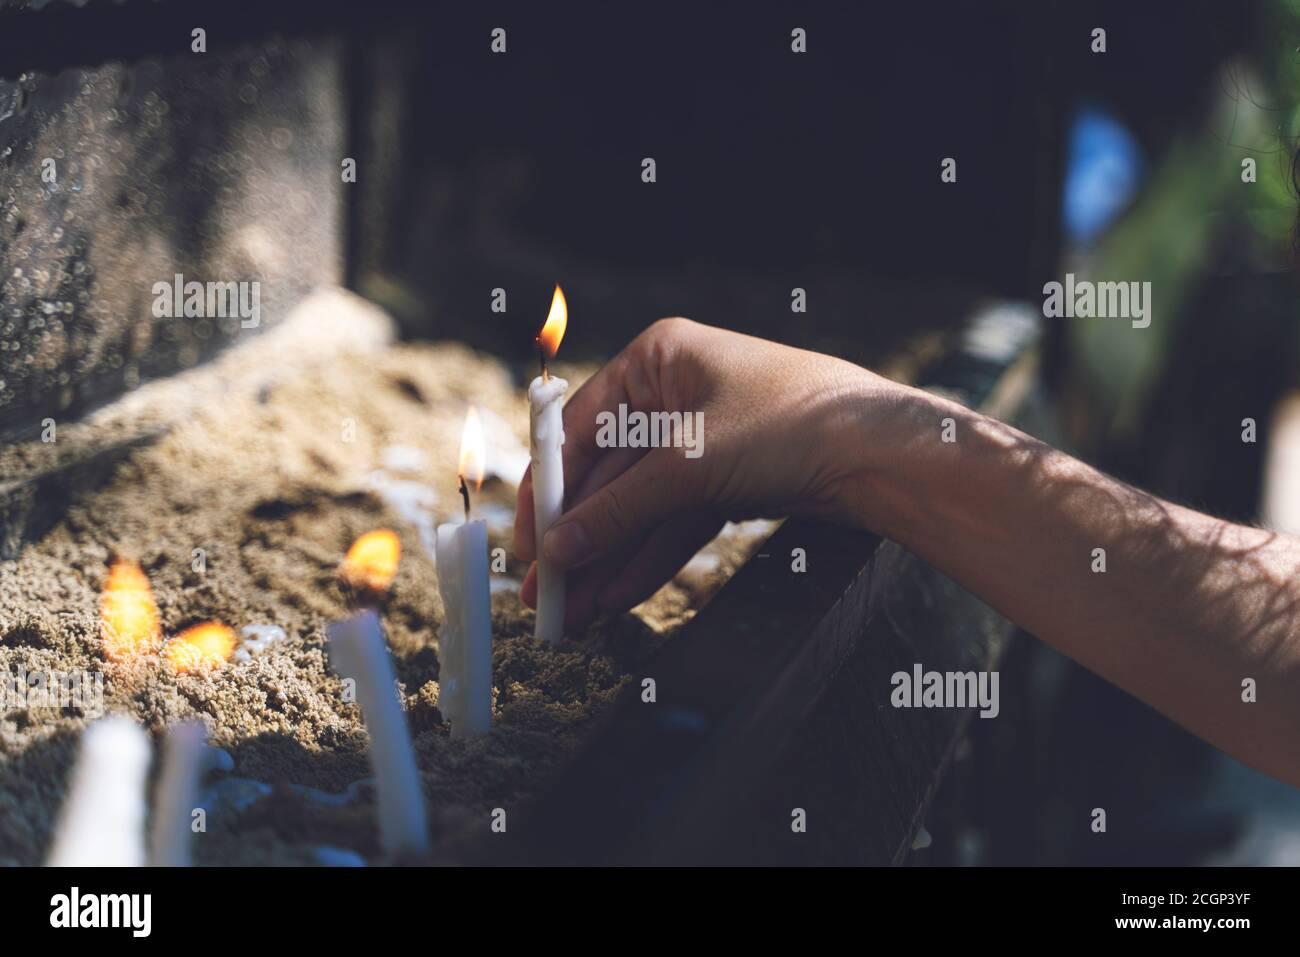 Frau, die im Garten des Hauses der Jungfrau Maria betet und Kerzen brennt. Brennende weiße Kerzen auf dem Stand. Anbetung Stockfoto